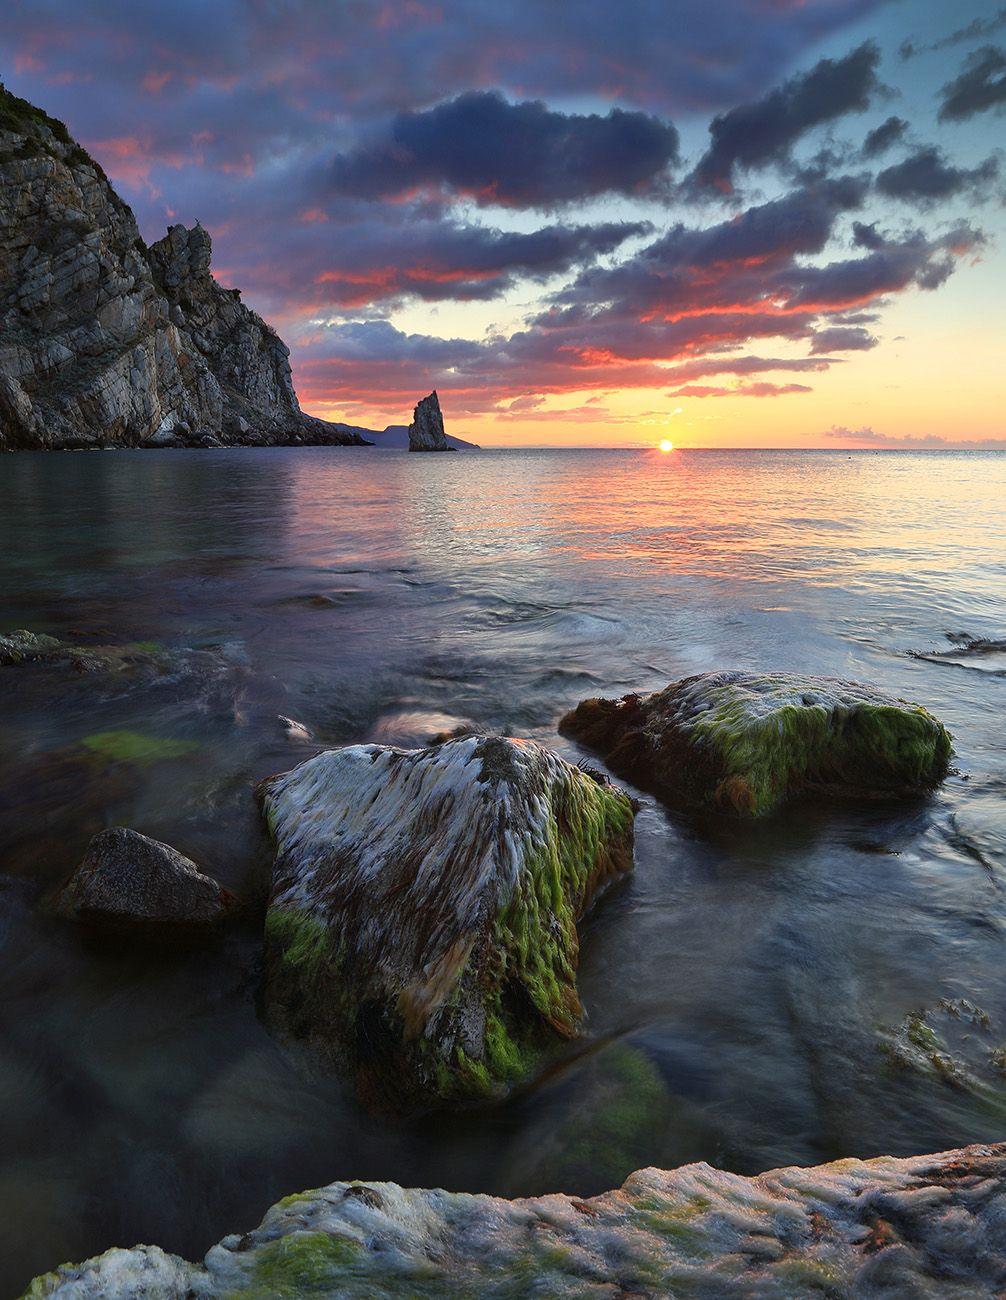 Скала Парус Крым Ялта Ласточкино гнездо Скала Парус фотограф море пляж волна пейзажи Крыма